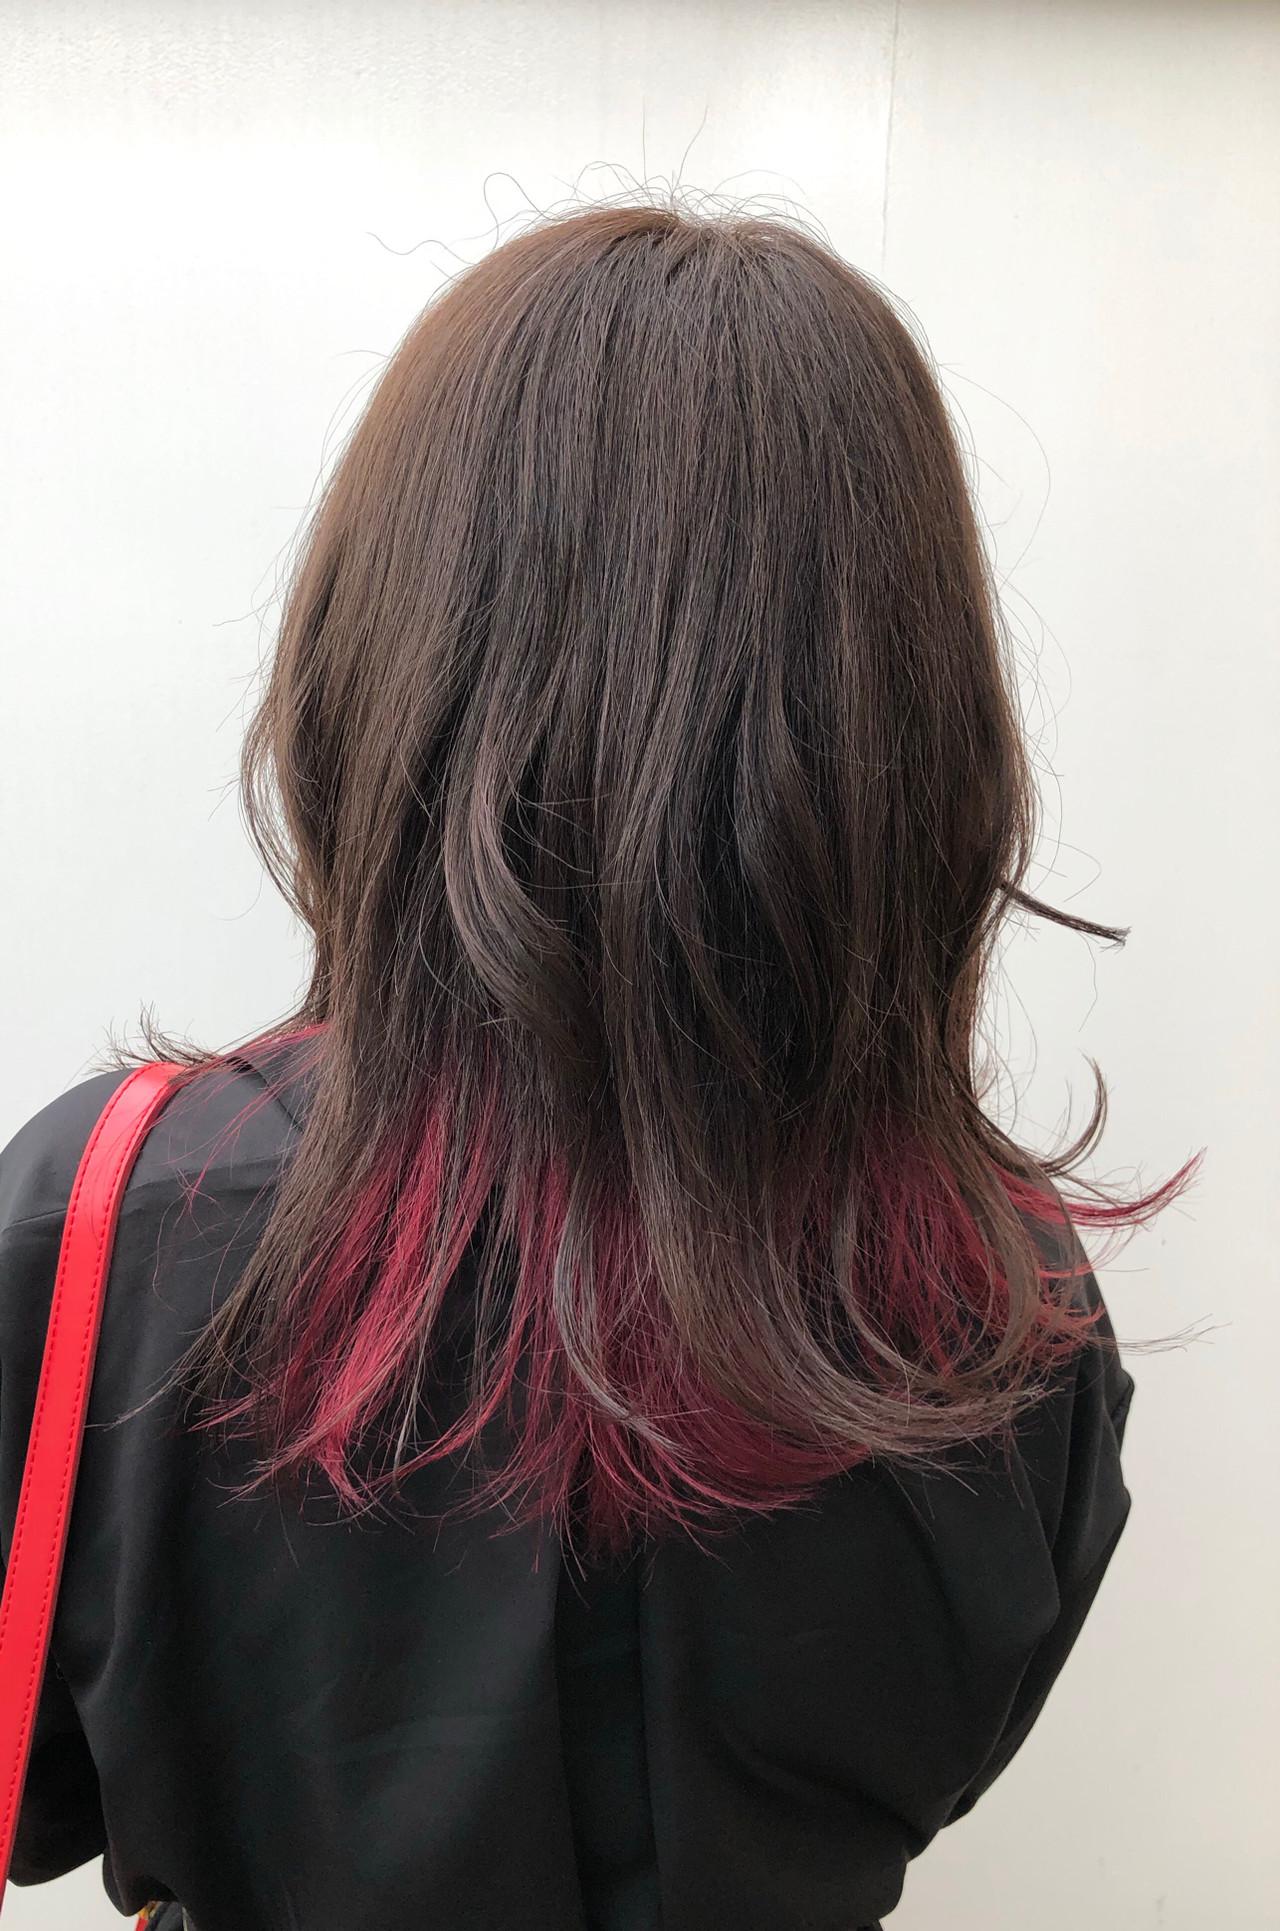 スポーツ ベリーピンク グラデーションカラー インナーカラー ヘアスタイルや髪型の写真・画像 | 出塩 浩之 / MORIO FROM LONDON さいたま新都心